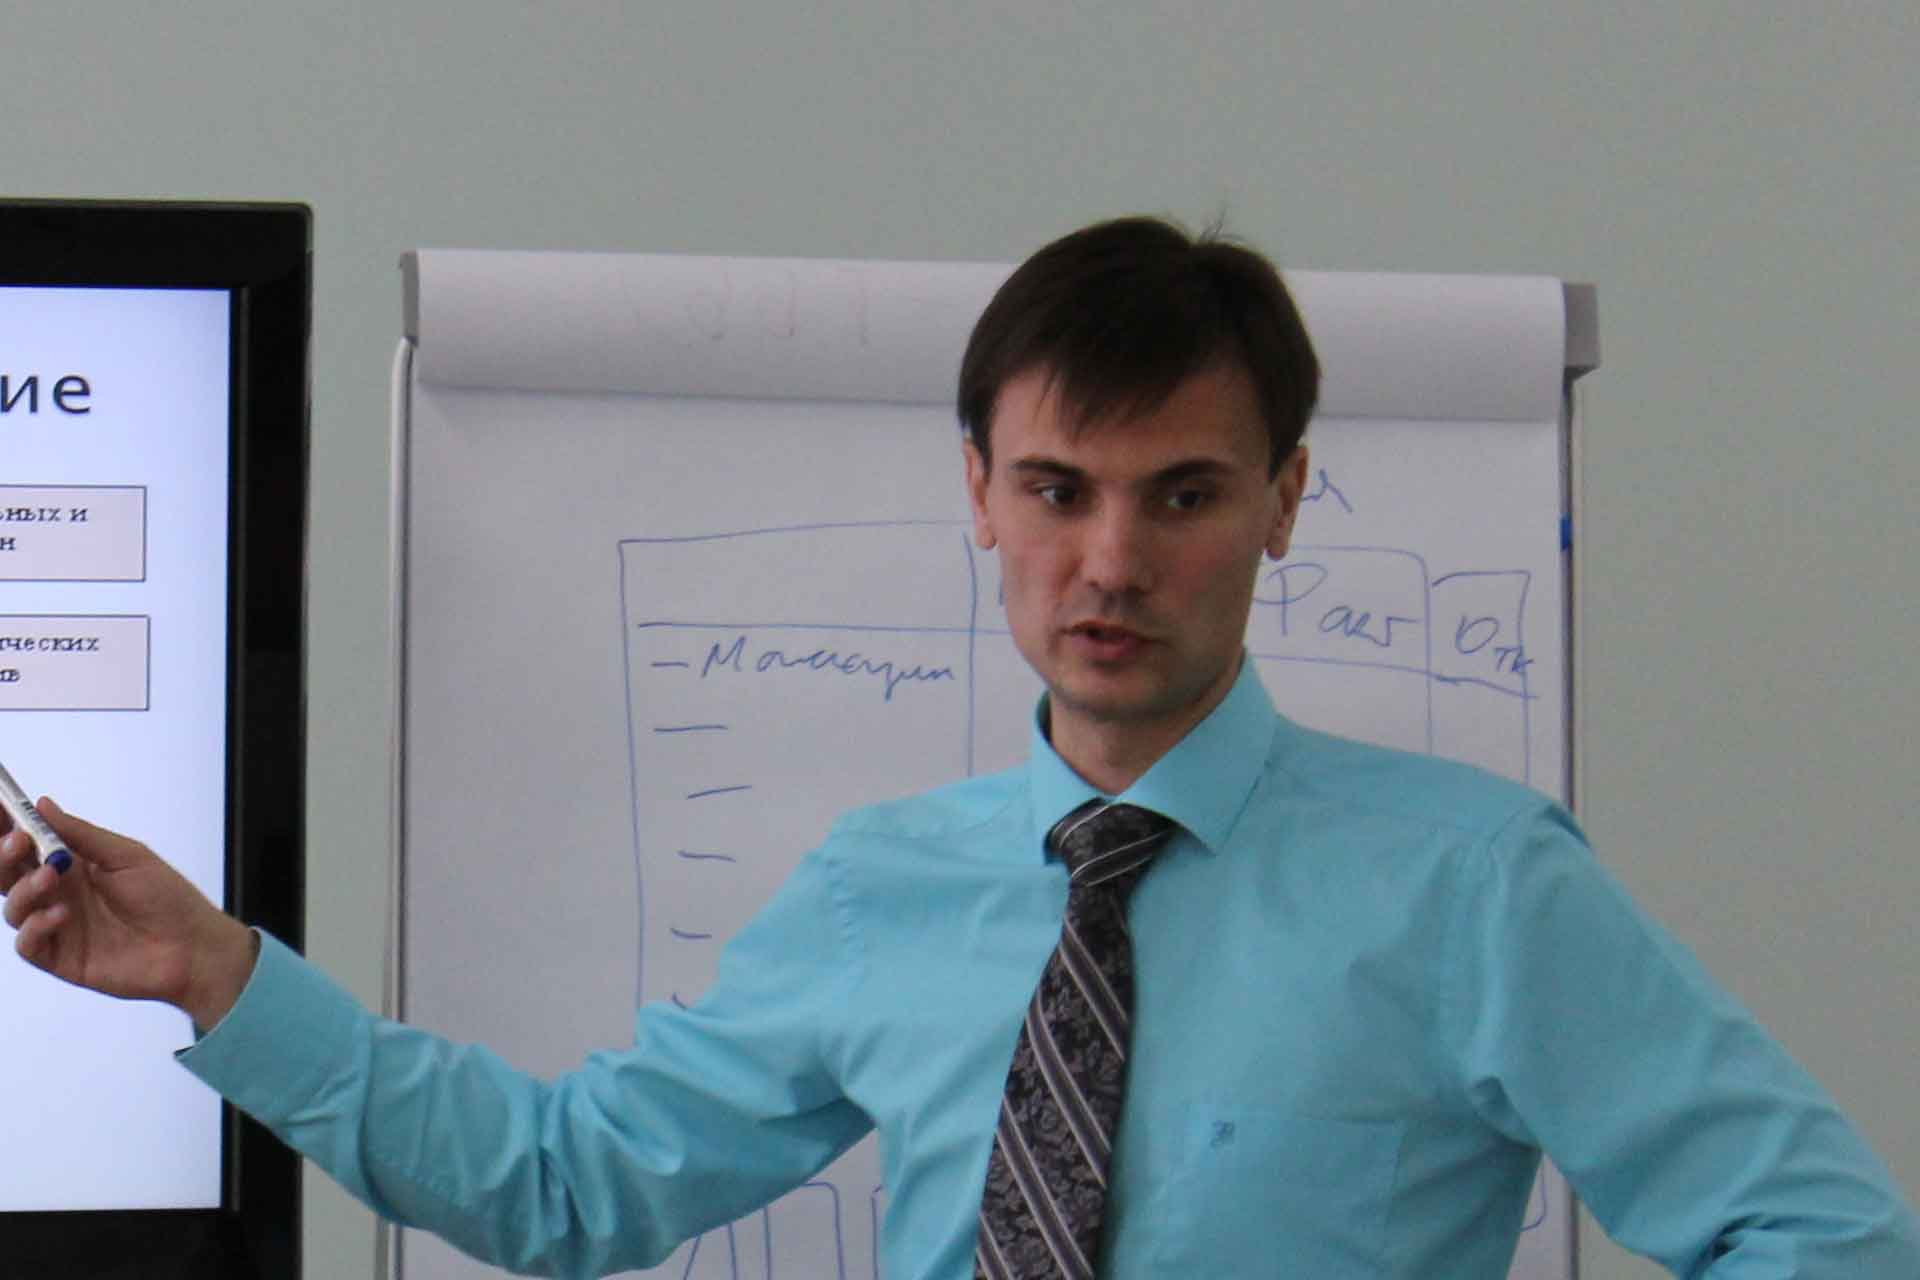 Алексей Марков. Консультант по управлению, кандидат экономических наук